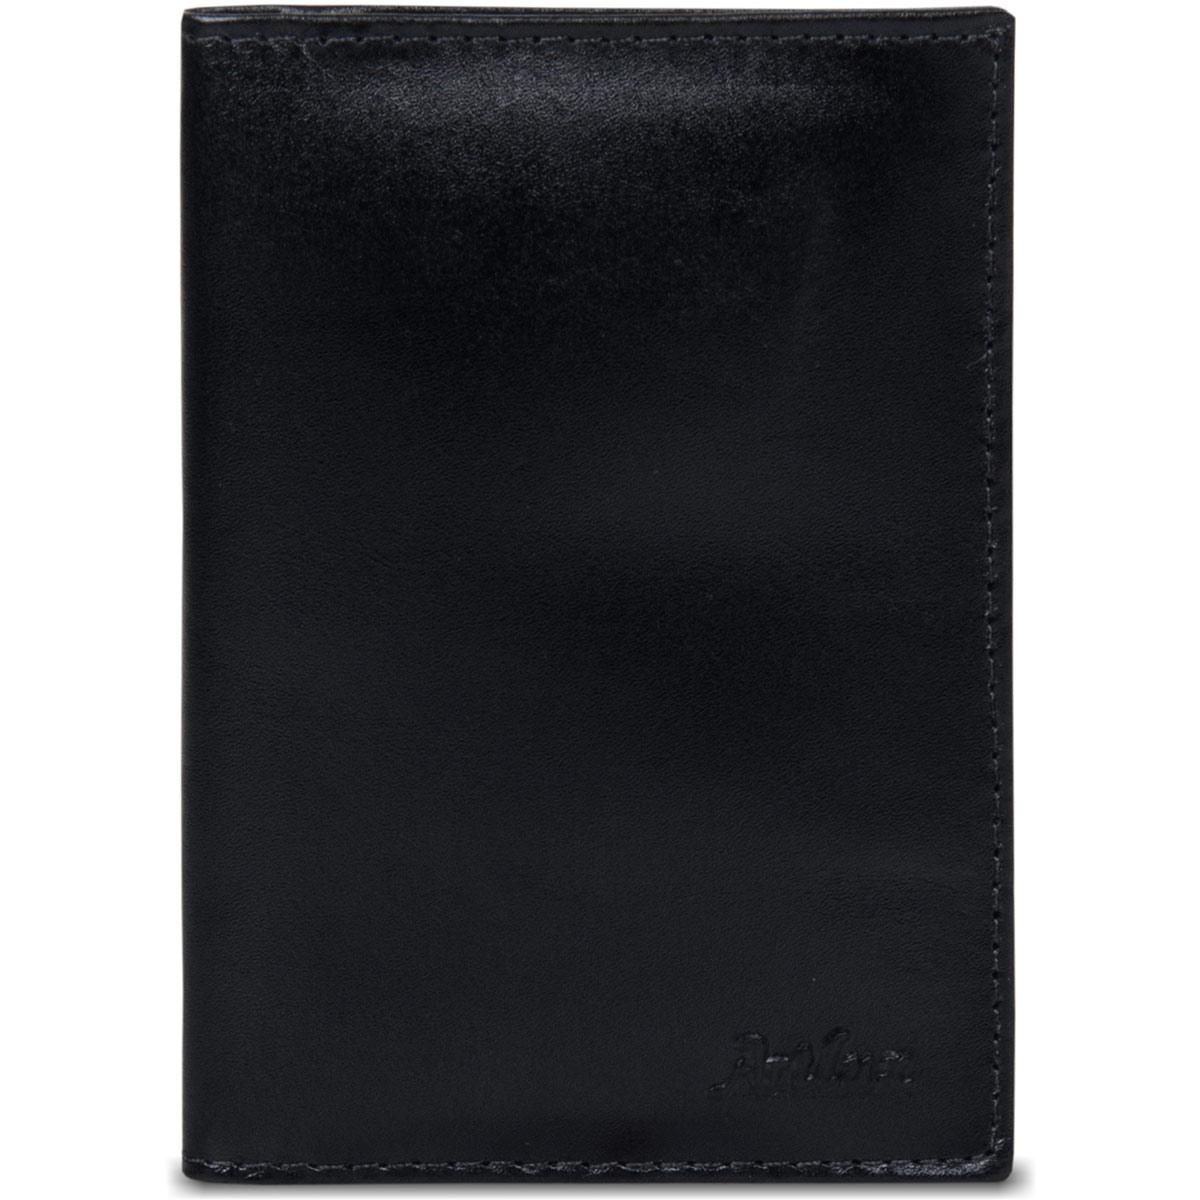 Porta Documento Masculino em Couro